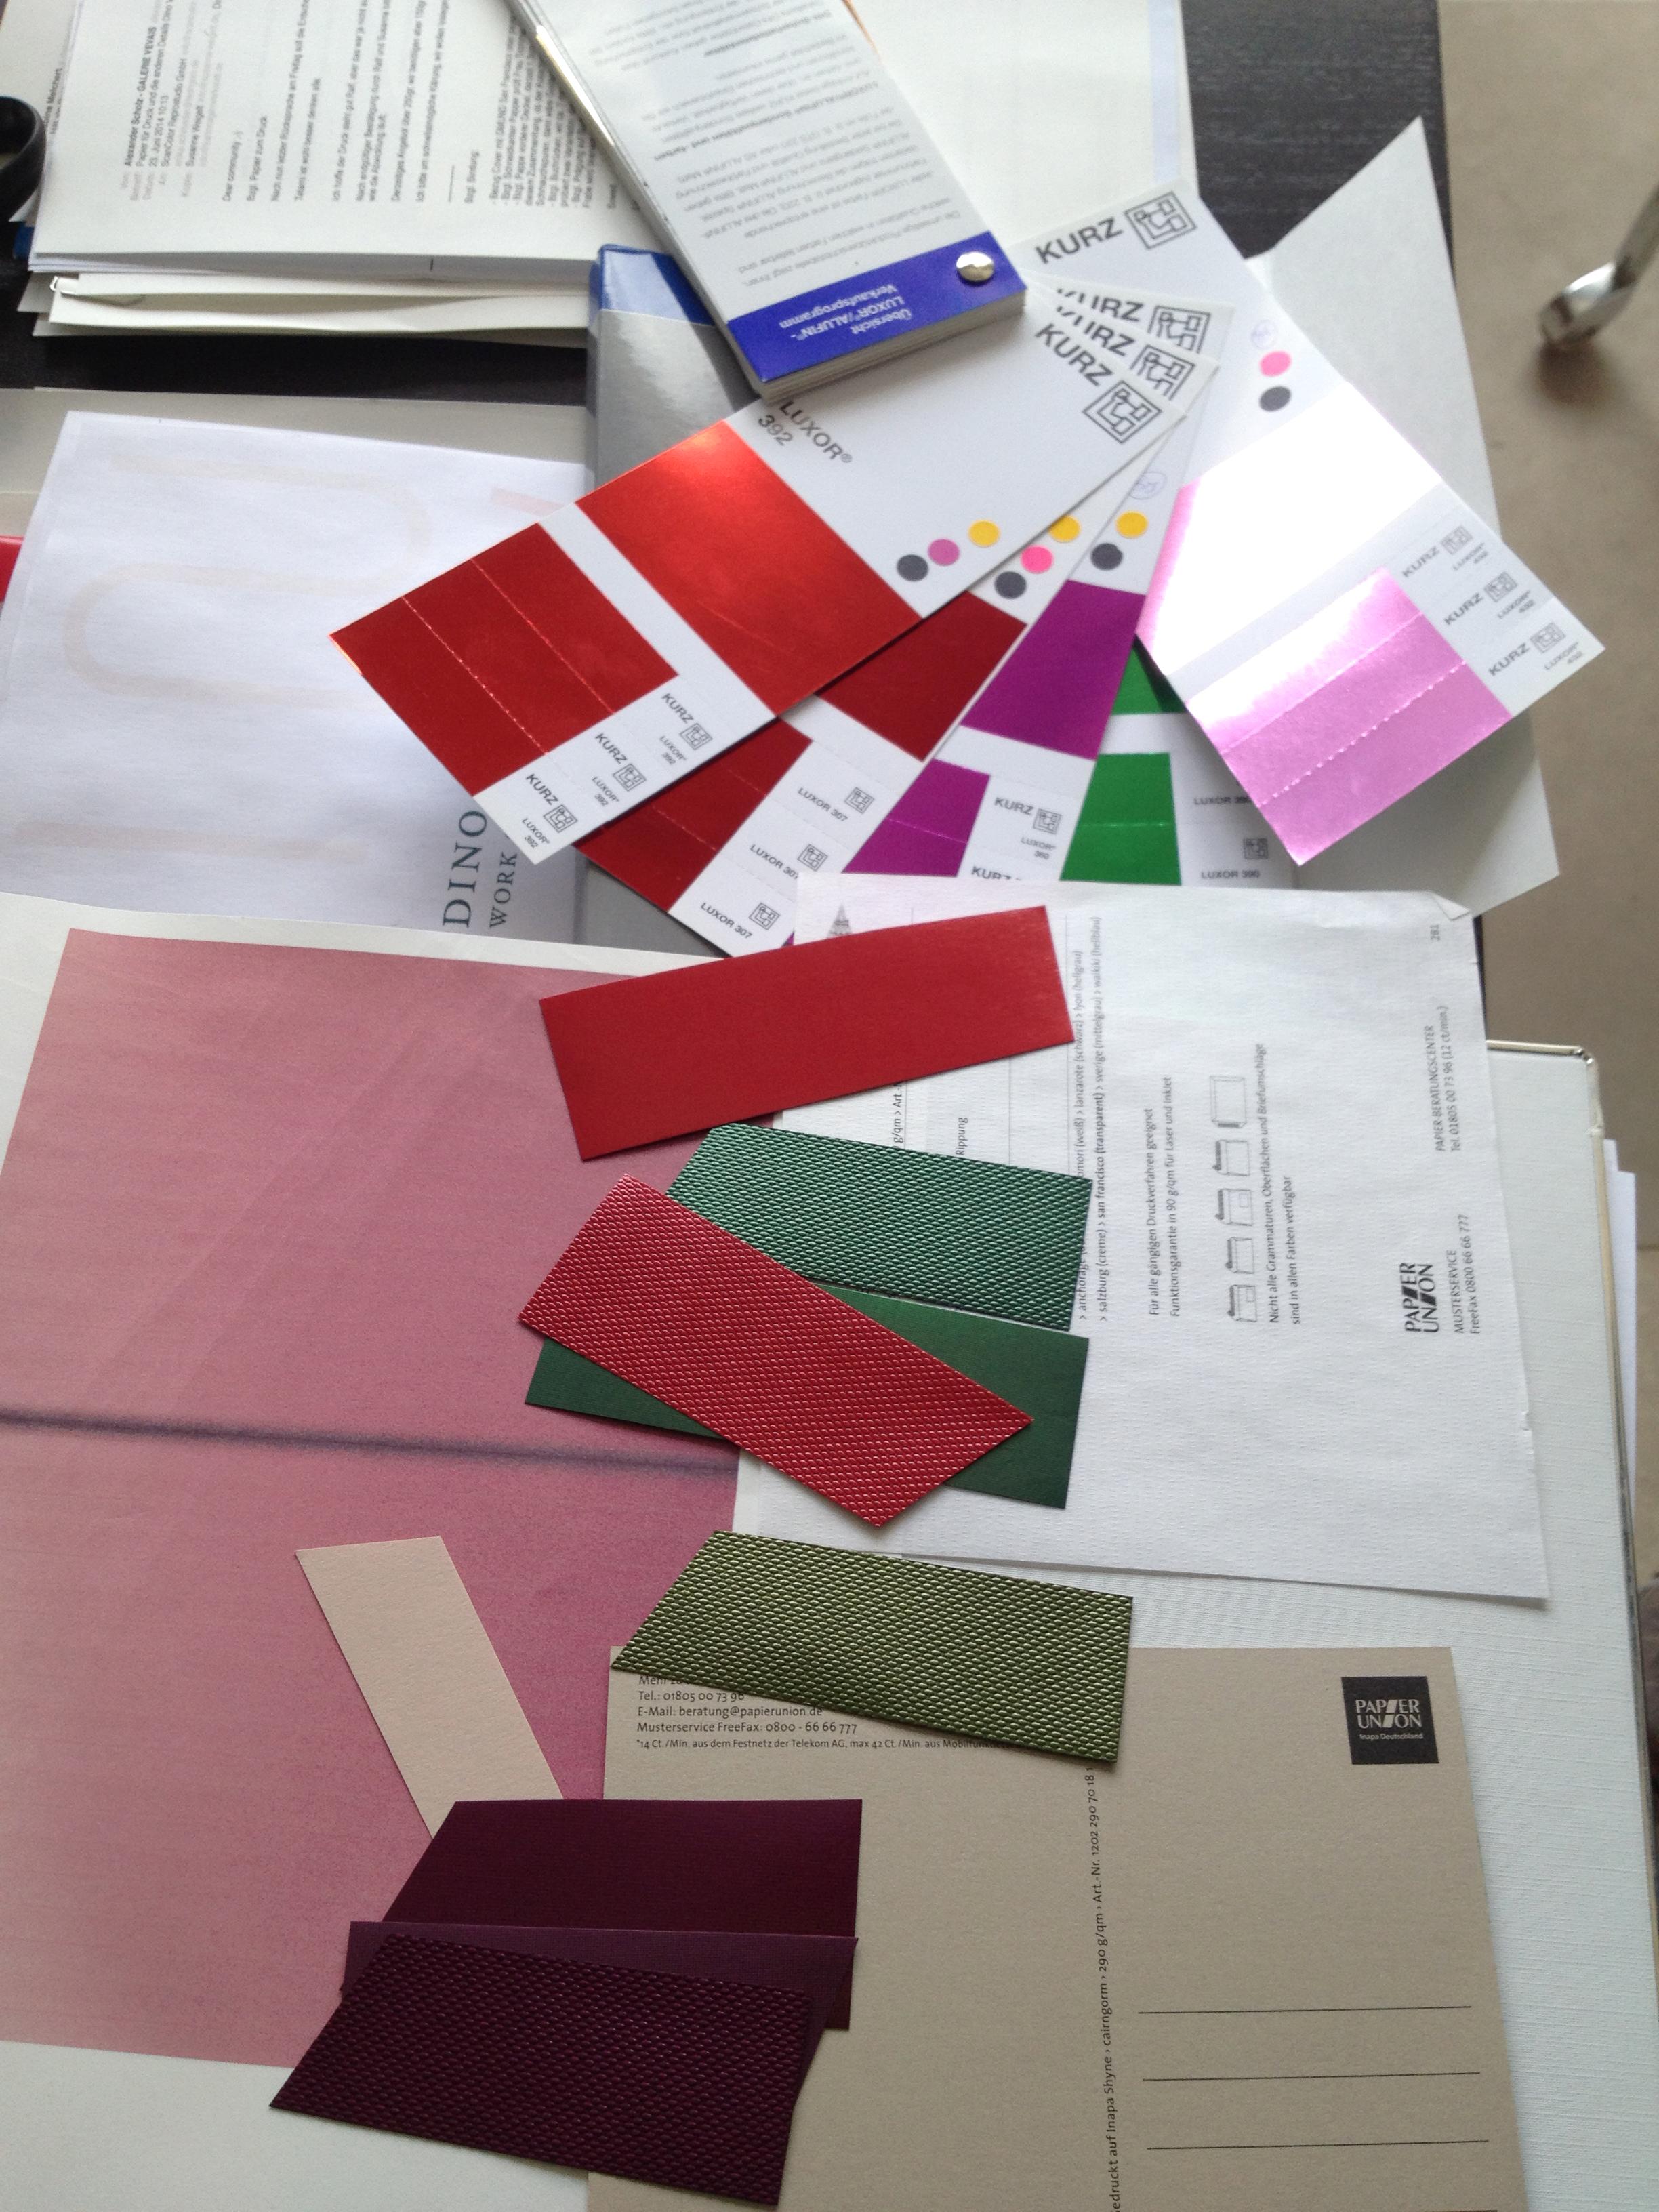 Austattung – Materialauswahl